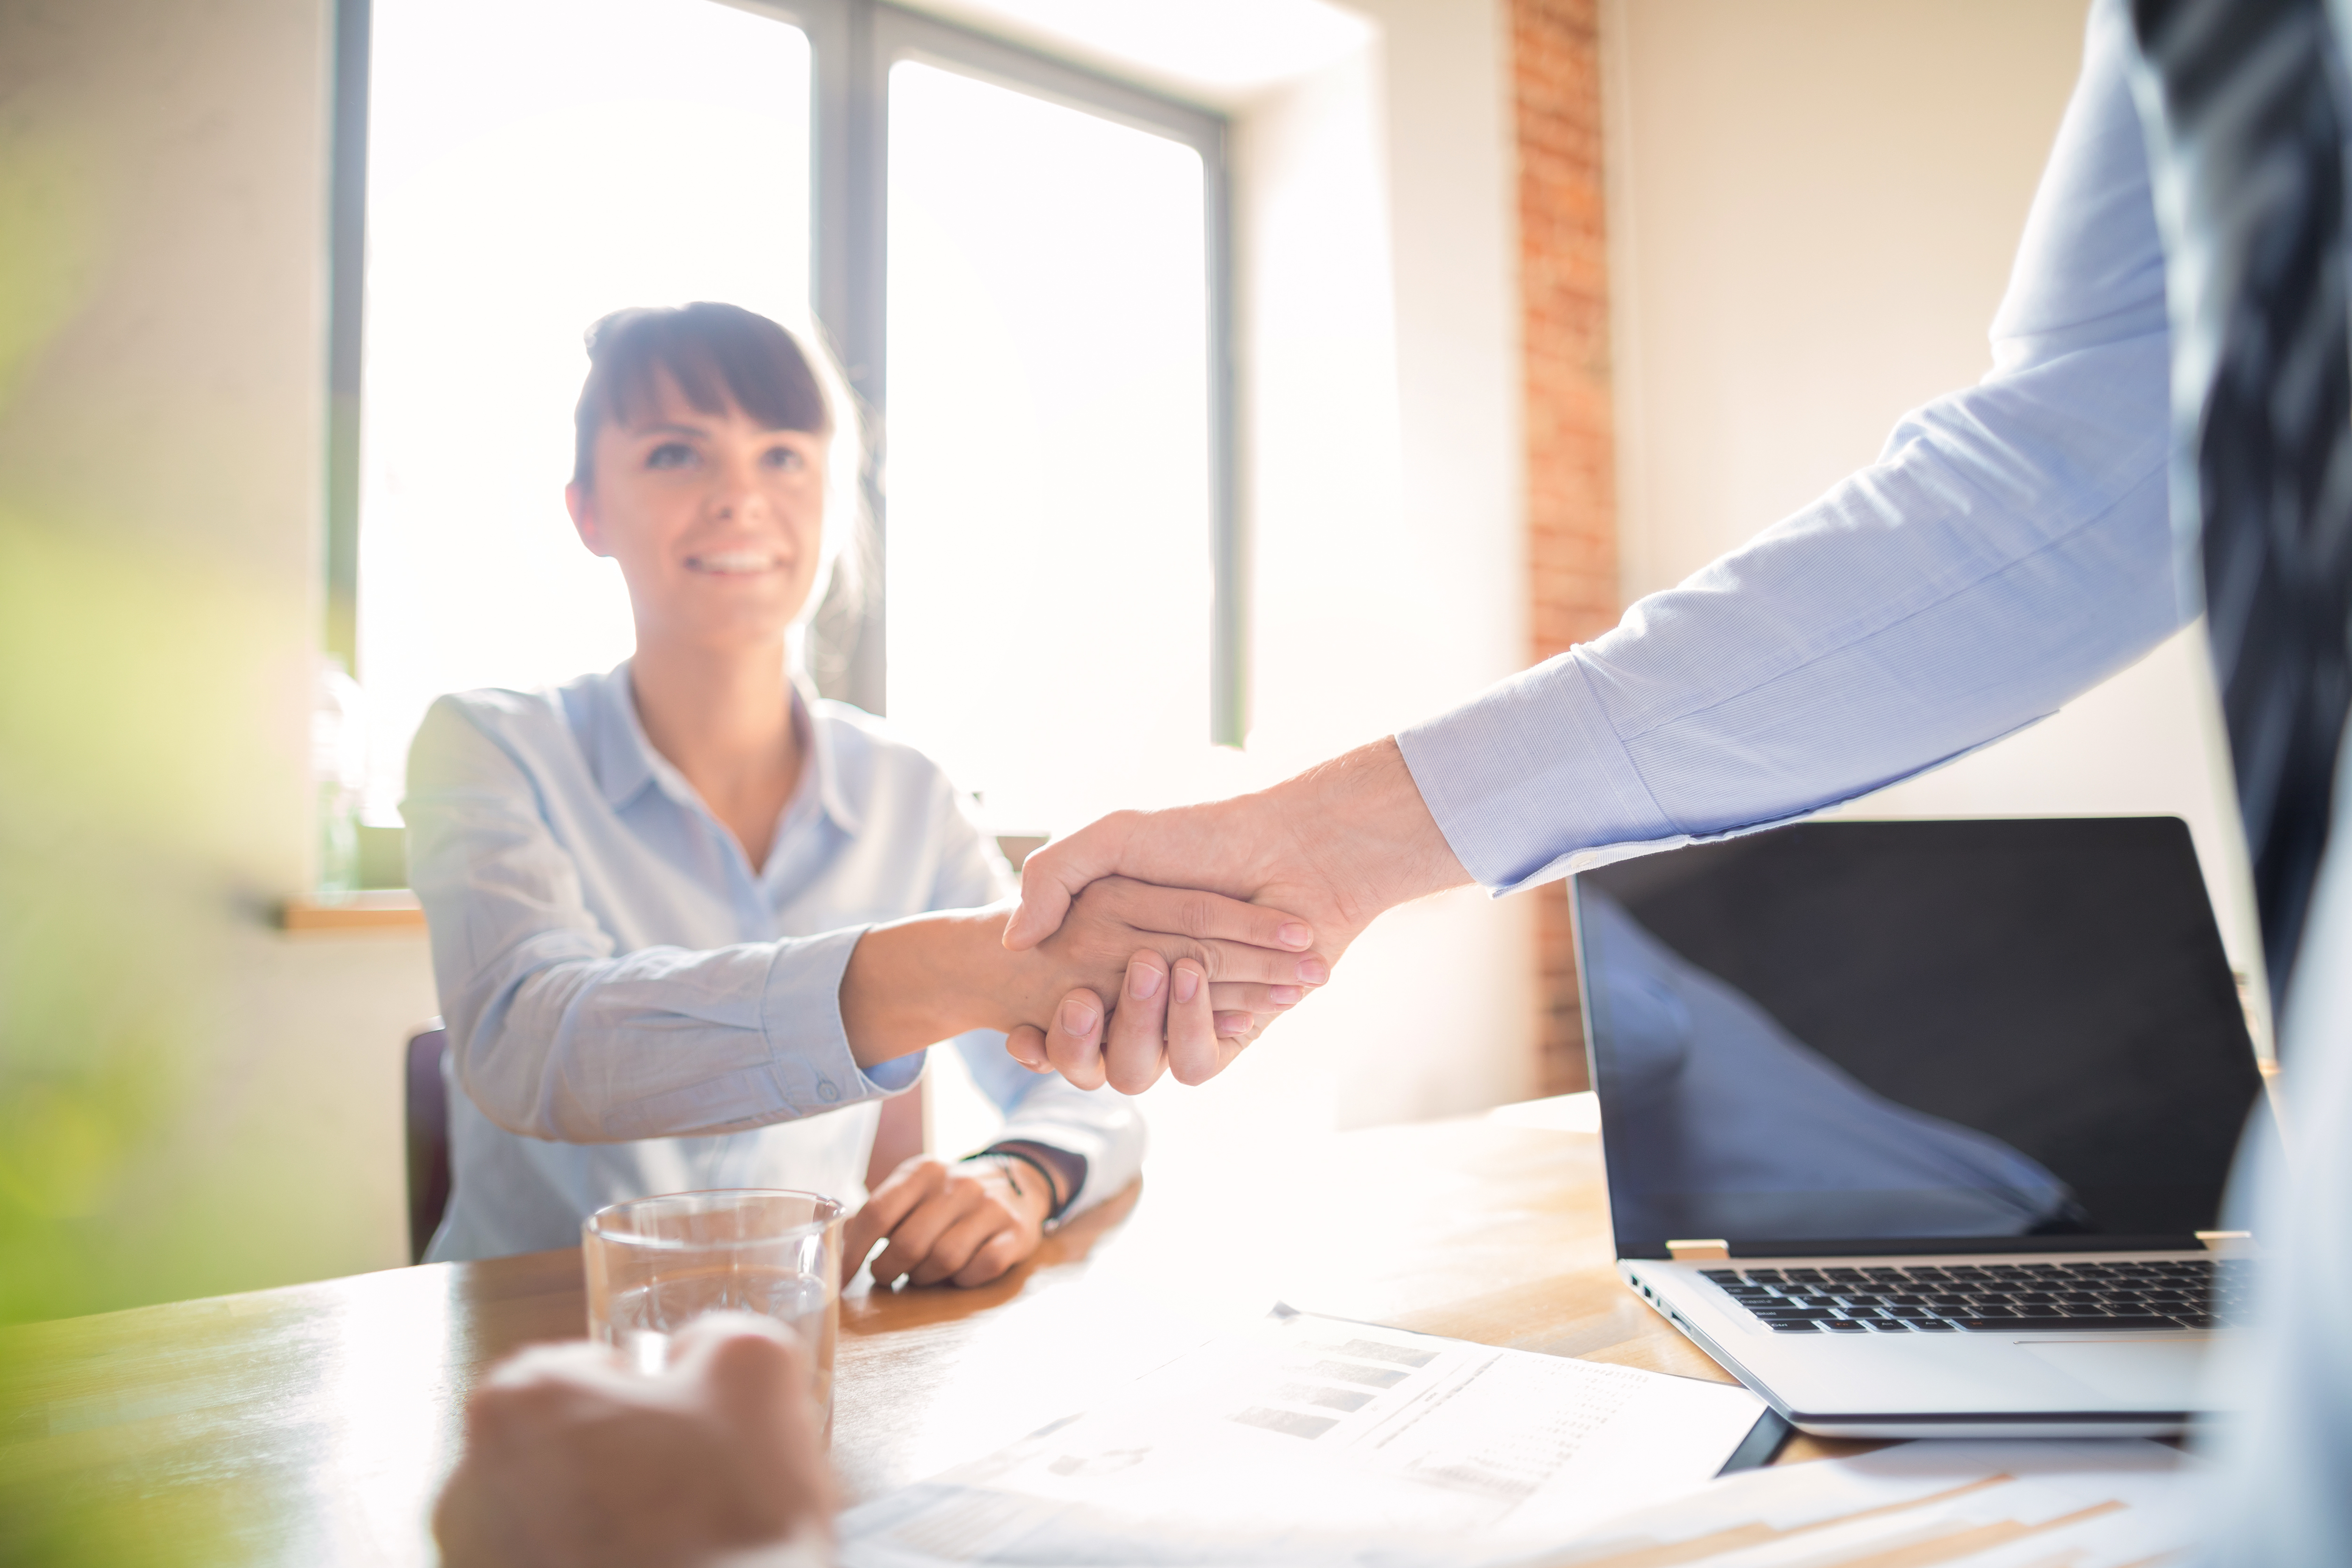 Handschlag zwischen Geschäftsleuten am Schreibtisch